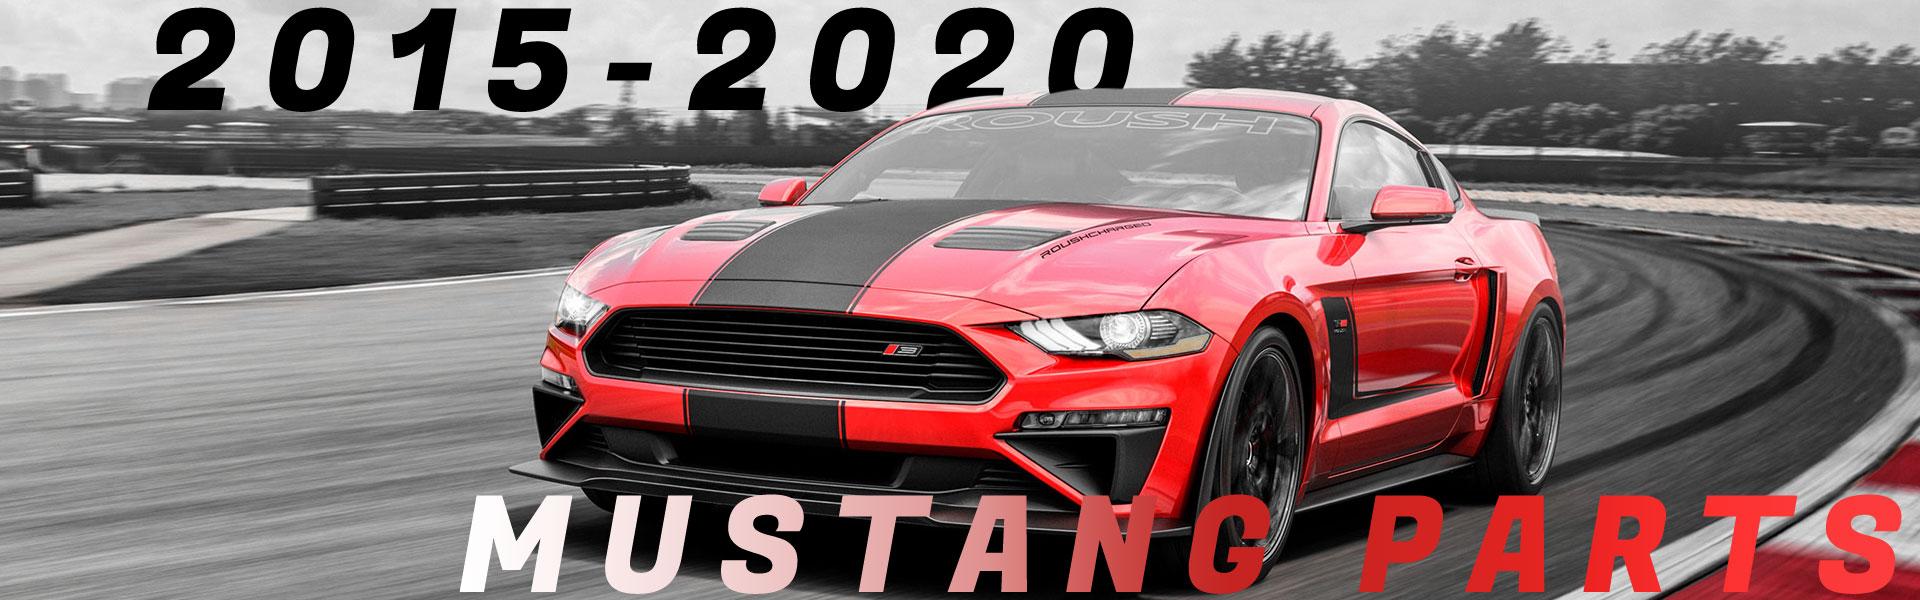 2015-2020 Mustang Parts